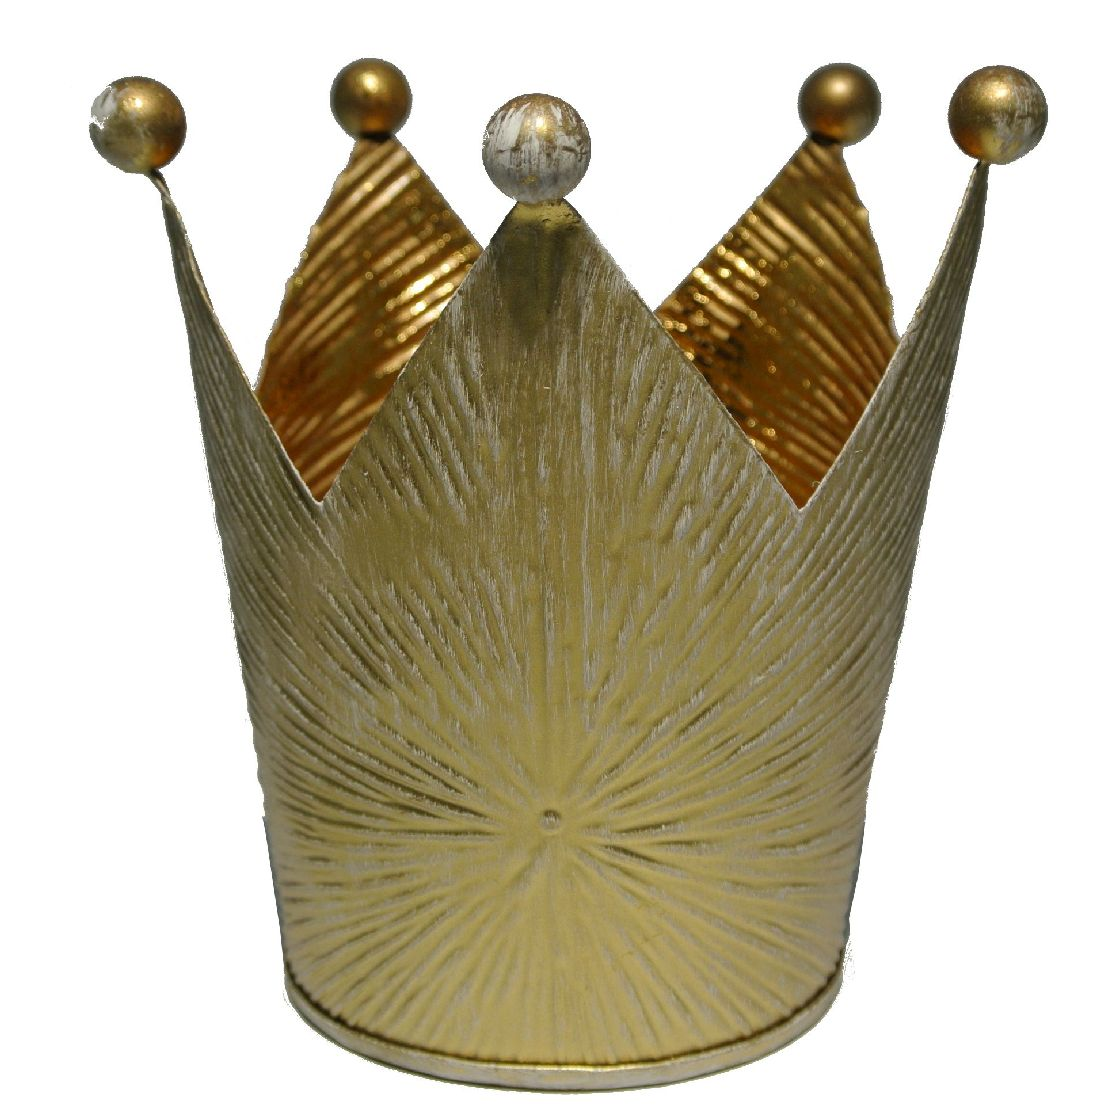 Krone gold Metall stabile Qualität Øoben 10cm H11,5cm Øunten7cm